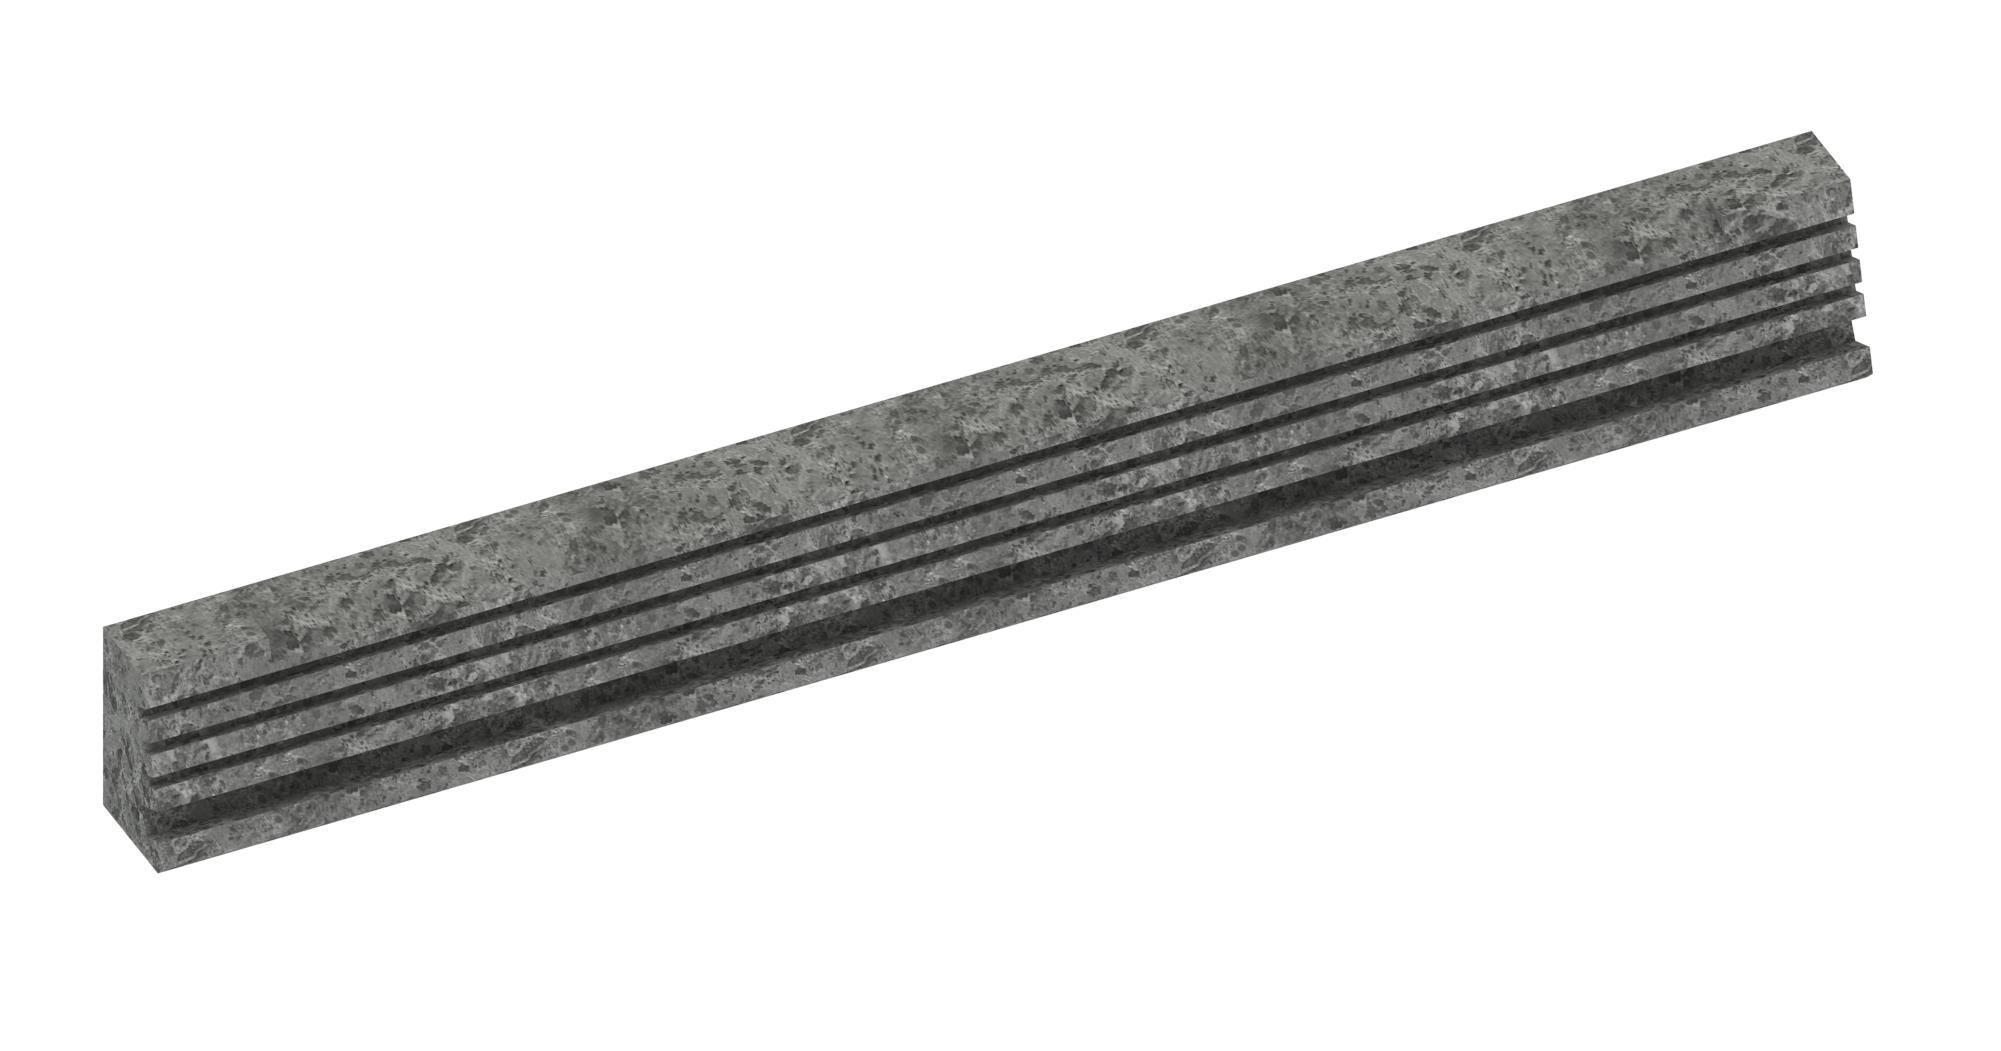 Талькохлоритные элементы: Фронтальный талькохлоритный элемент SAWO HP32-003 для печей CIRRUS 4-7кВт (500x60x40мм) нагревательный элемент rf 0 7квт m4 под анод m10056